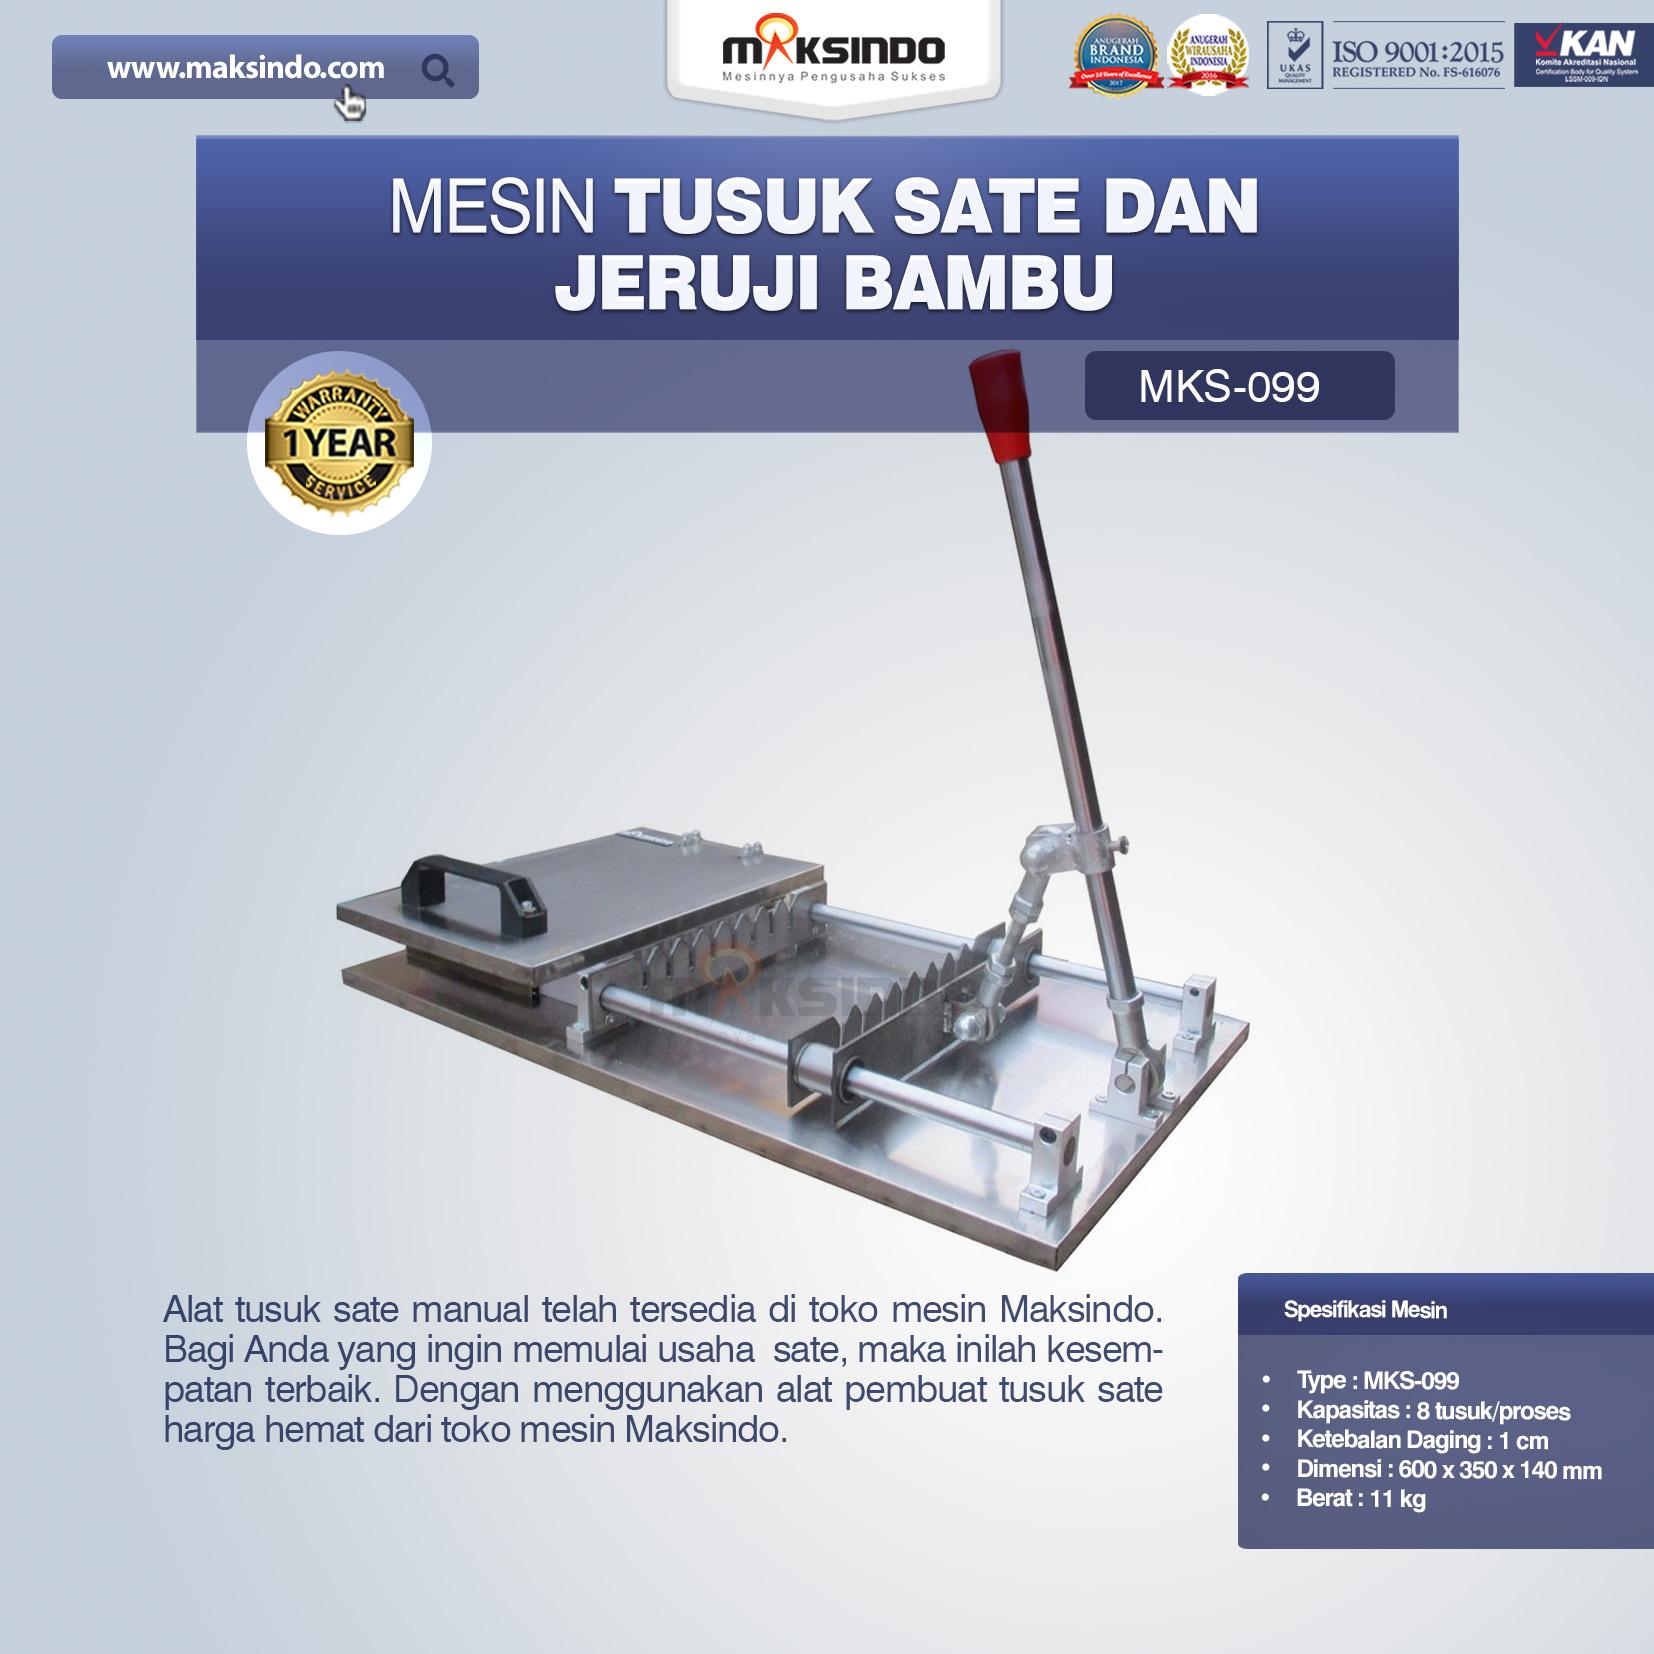 Jual Alat Tusuk Sate ManualMKS-099 di Solo